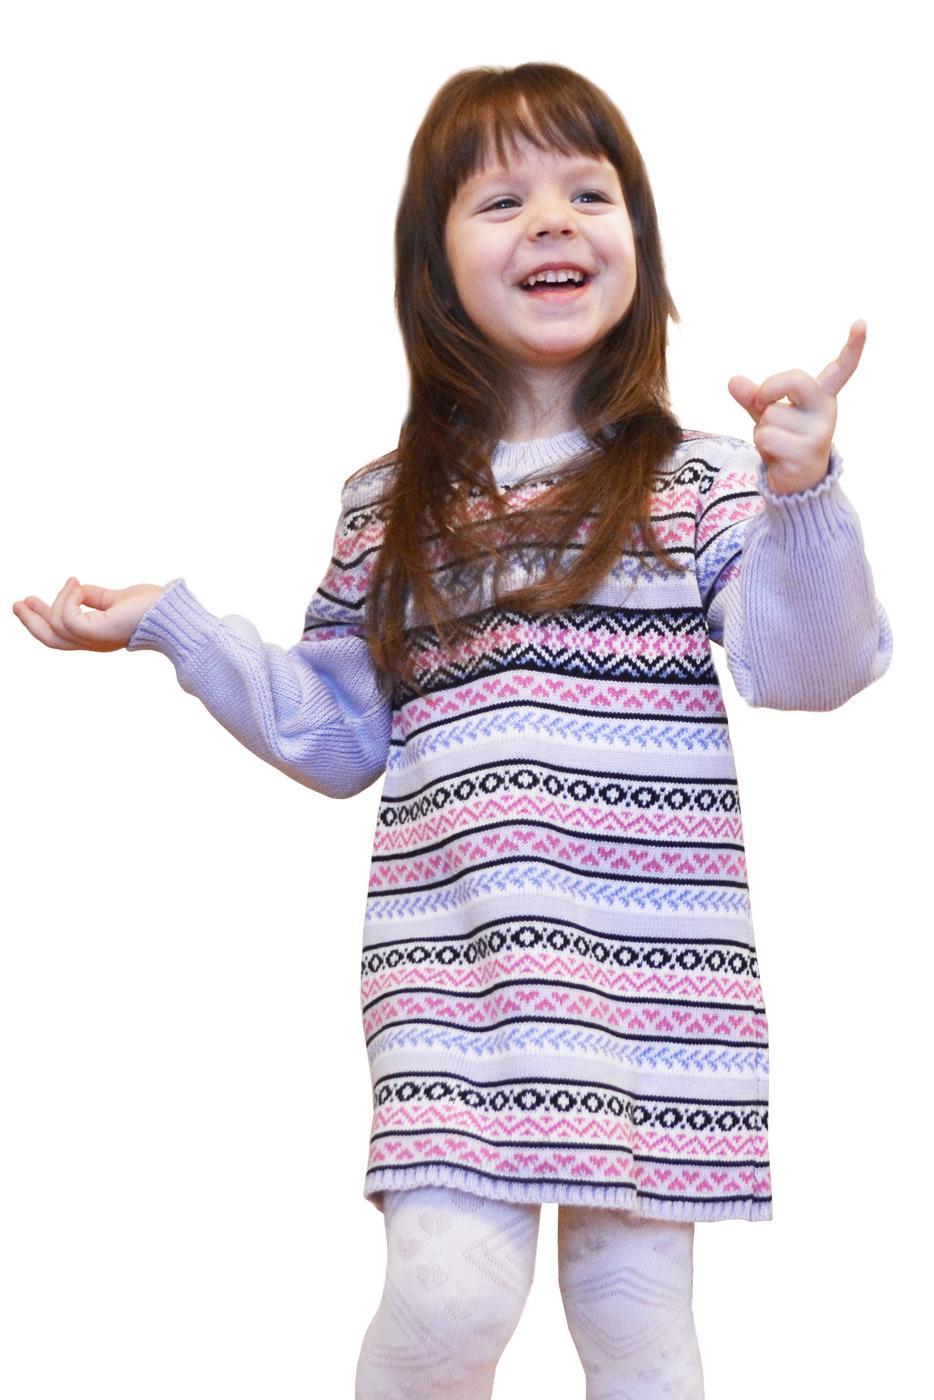 ПлатьеПлатья<br>Вязаное платье для девочки.  В изделии использованы цвета: сиреневый, розовый, черный и др.  Размер 74 соответствует росту 70-73 см Размер 80 соответствует росту 74-80 см Размер 86 соответствует росту 81-86 см Размер 92 соответствует росту 87-92 см Размер 98 соответствует росту 93-98 см Размер 104 соответствует росту 98-104 см Размер 110 соответствует росту 105-110 см Размер 116 соответствует росту 111-116 см Размер 122 соответствует росту 117-122 см Размер 128 соответствует росту 123-128 см Размер 134 соответствует росту 129-134 см Размер 140 соответствует росту 135-140 см<br><br>Горловина: С- горловина<br>По возрасту: Дошкольные ( от 3 до 7 лет),Школьные ( от 7 до 13 лет)<br>По материалу: Вязаные<br>По образу: Повседневные<br>По рисунку: В полоску,С принтом (печатью),Цветные<br>По сезону: Зима,Осень,Весна<br>По силуэту: Полуприталенные<br>По стилю: Повседневные,Теплые<br>Рукав: Длинный рукав<br>Размер : 110,116,128,134<br>Материал: Вязаное полотно<br>Количество в наличии: 4